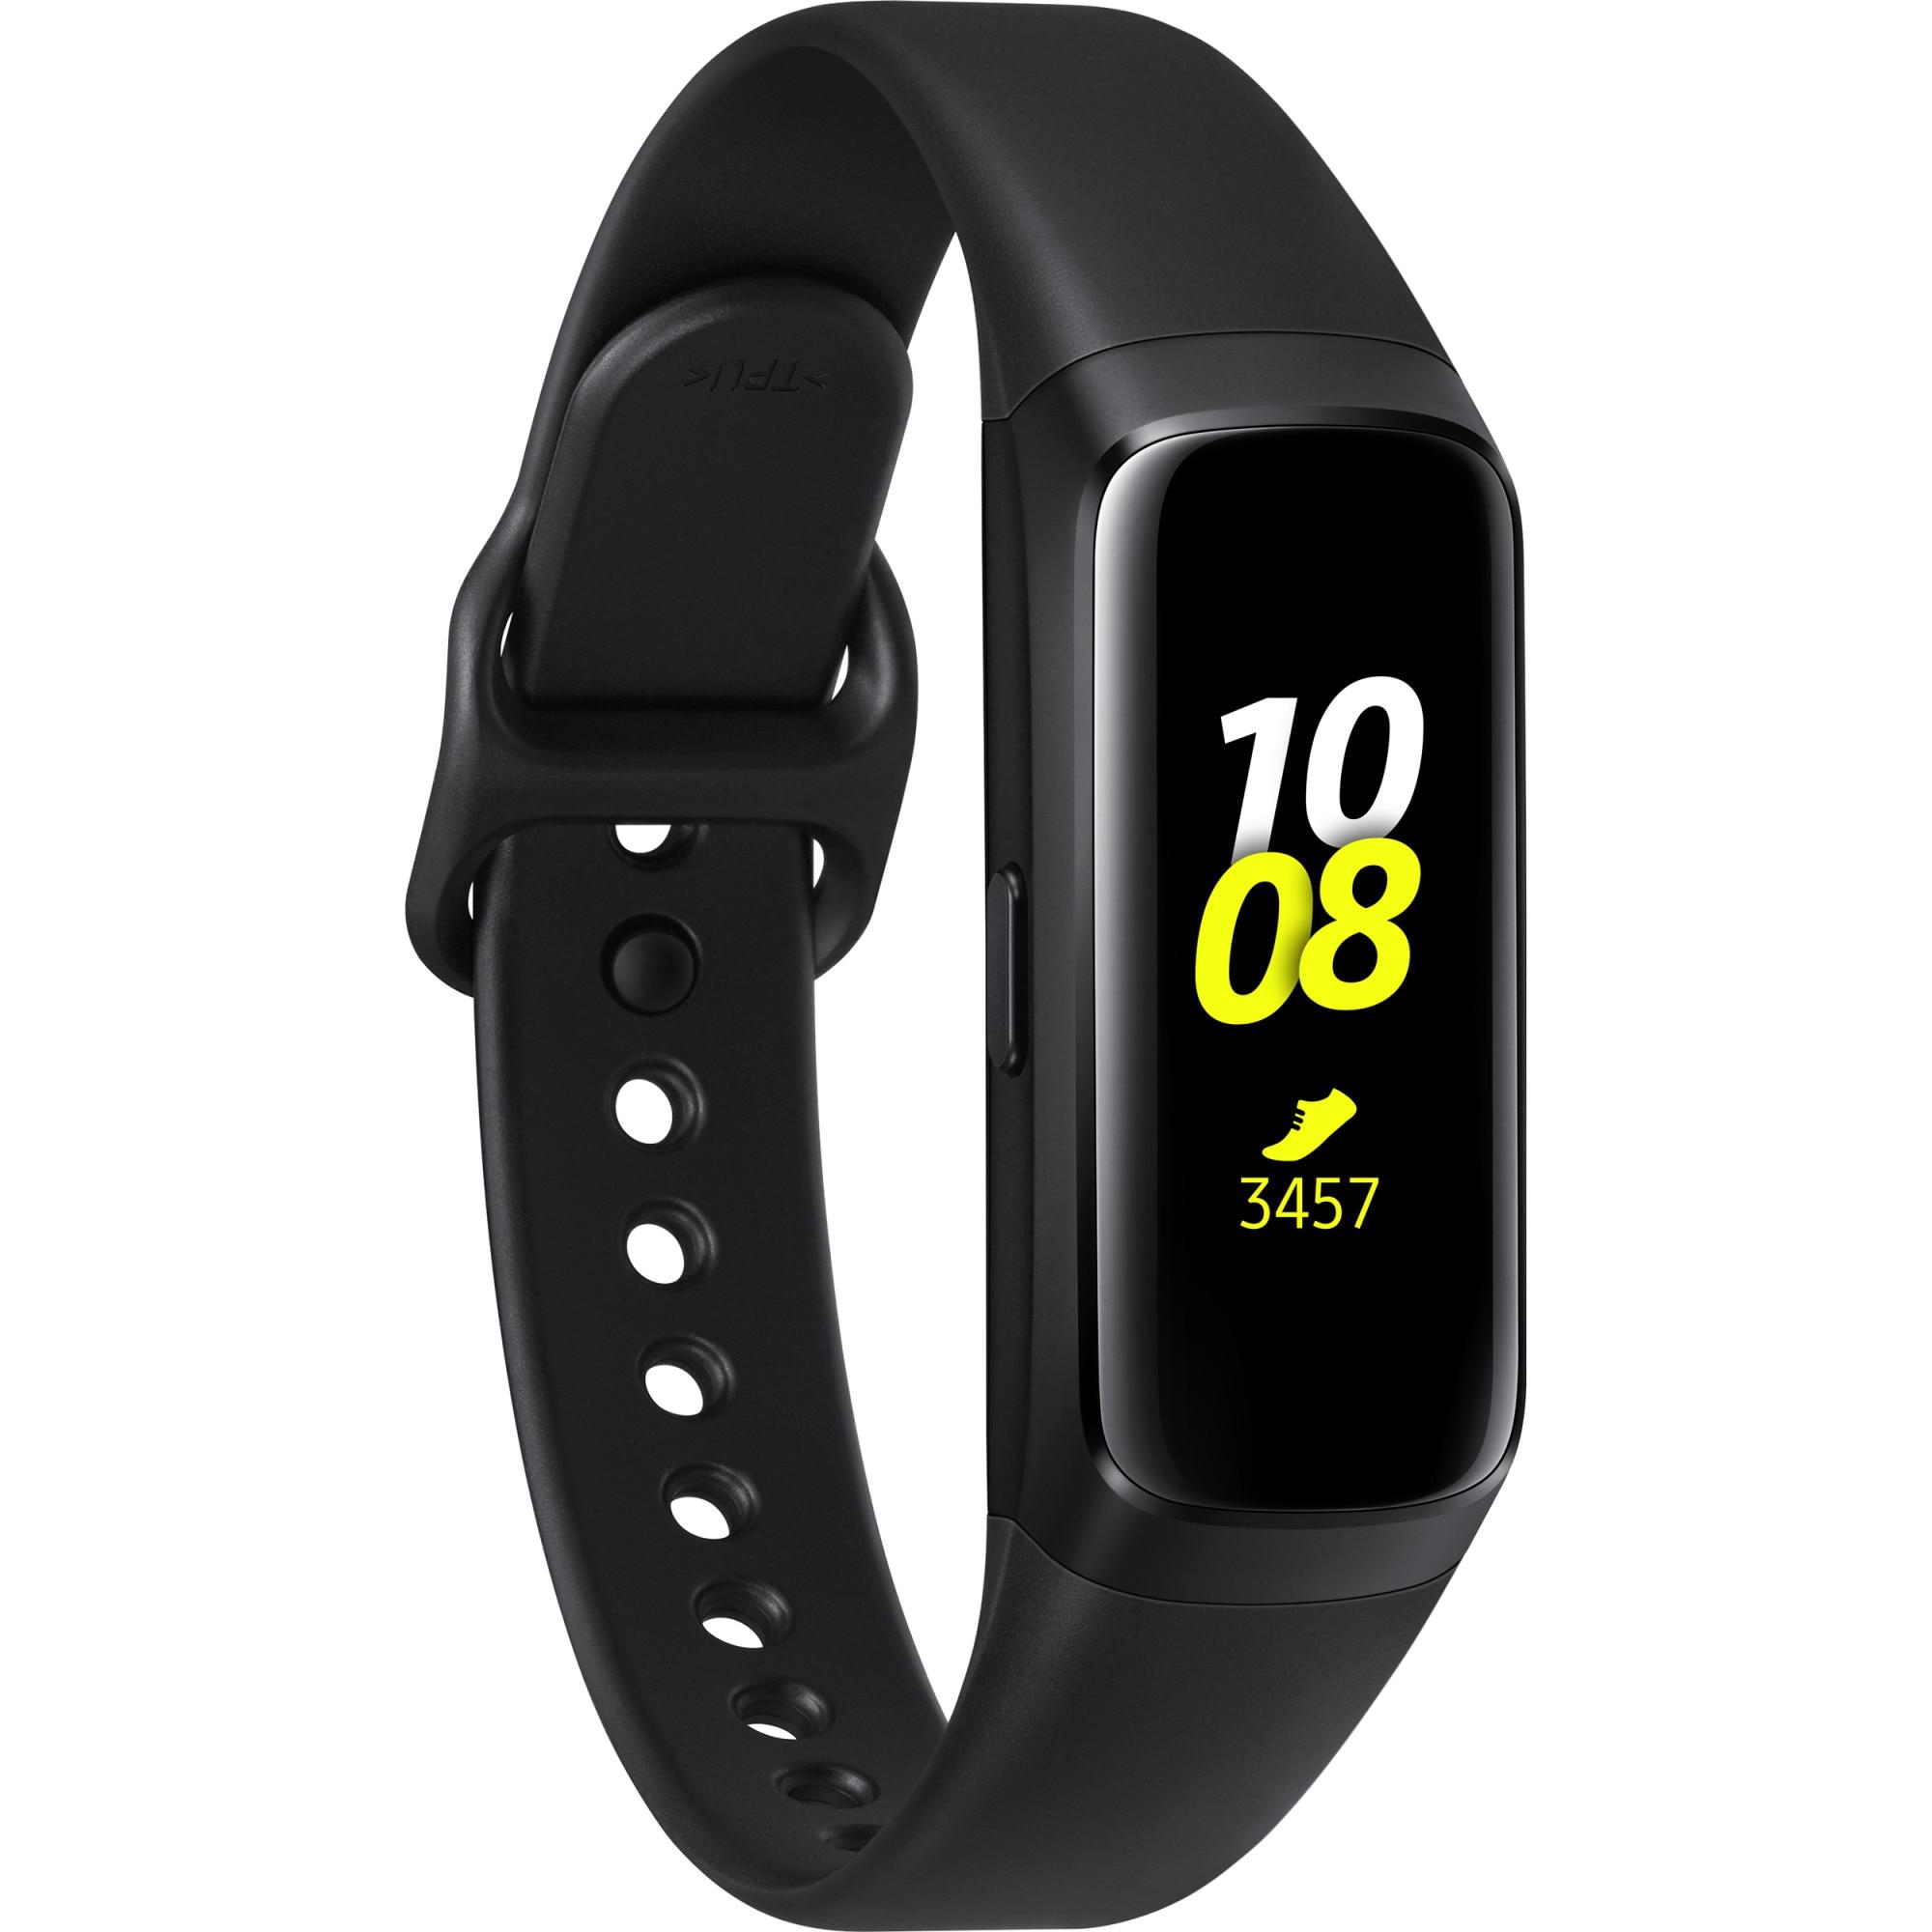 Fotografie Bratara fitness Samsung Galaxy Fit, Black